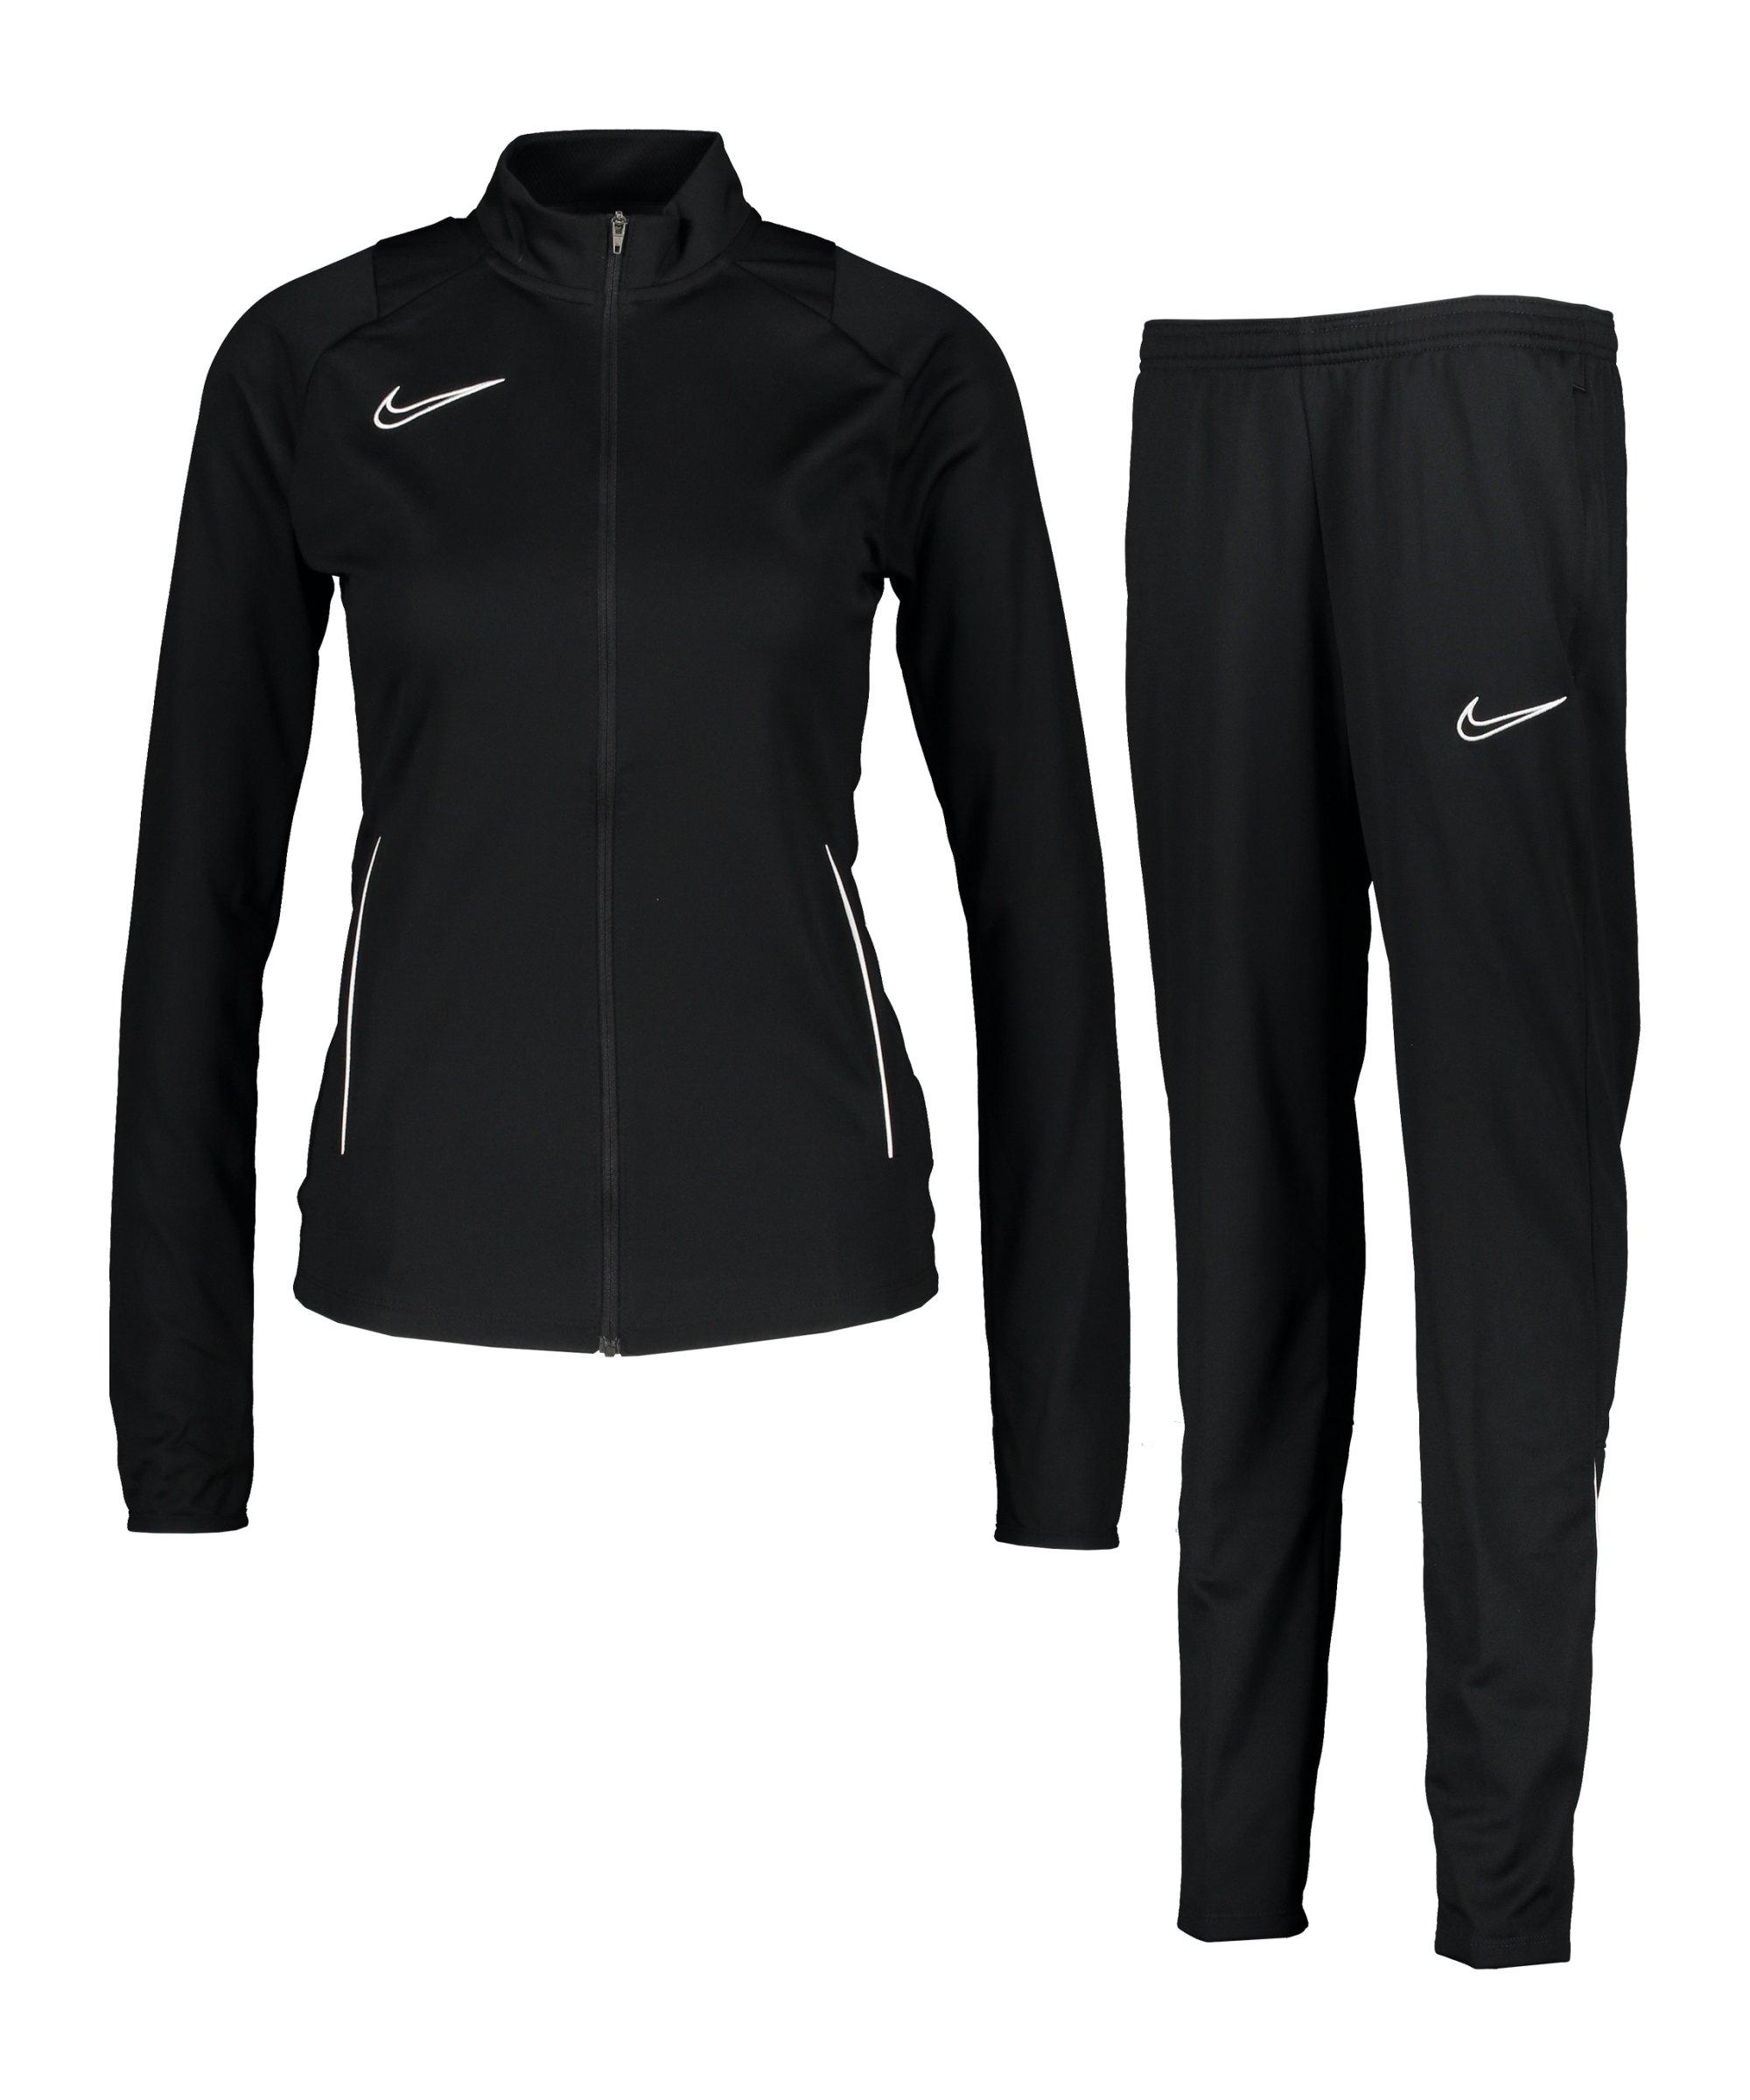 Nike Academy 21 Trainingsanzug Damen F010 - schwarz